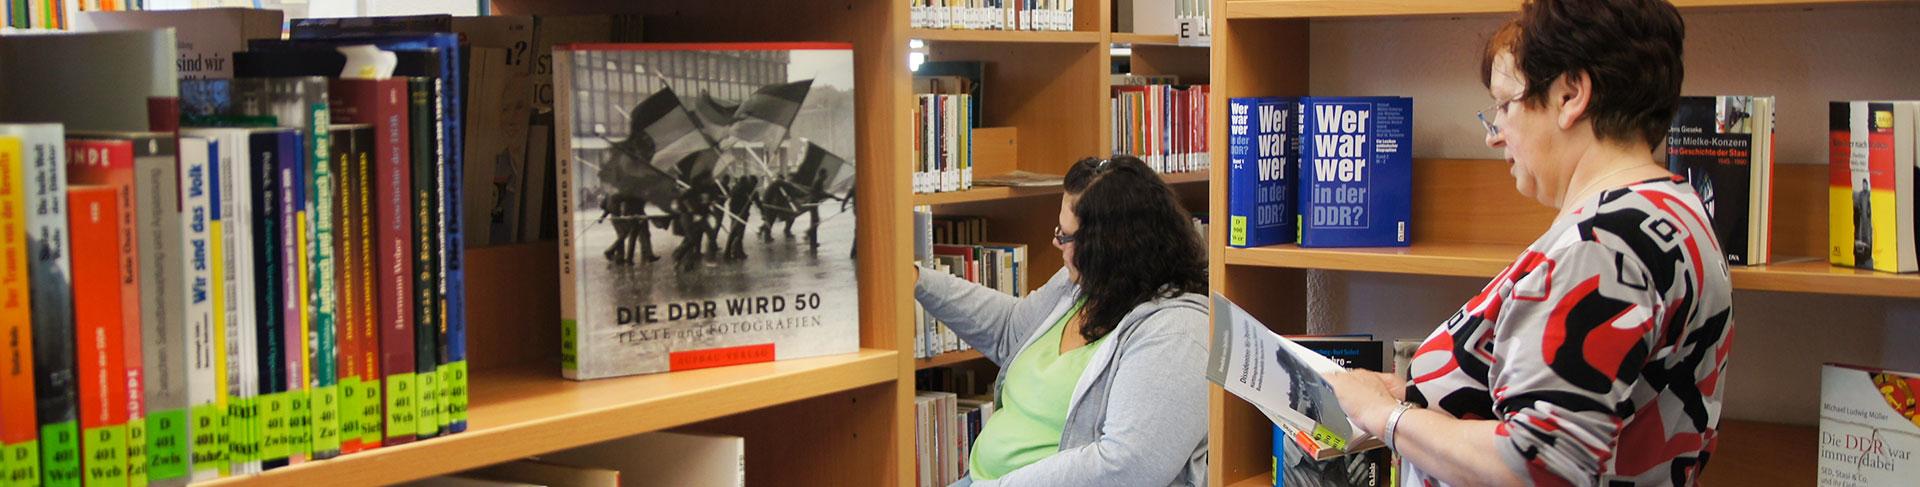 Ihre Ansprechpartner*innen in der Bibliothek